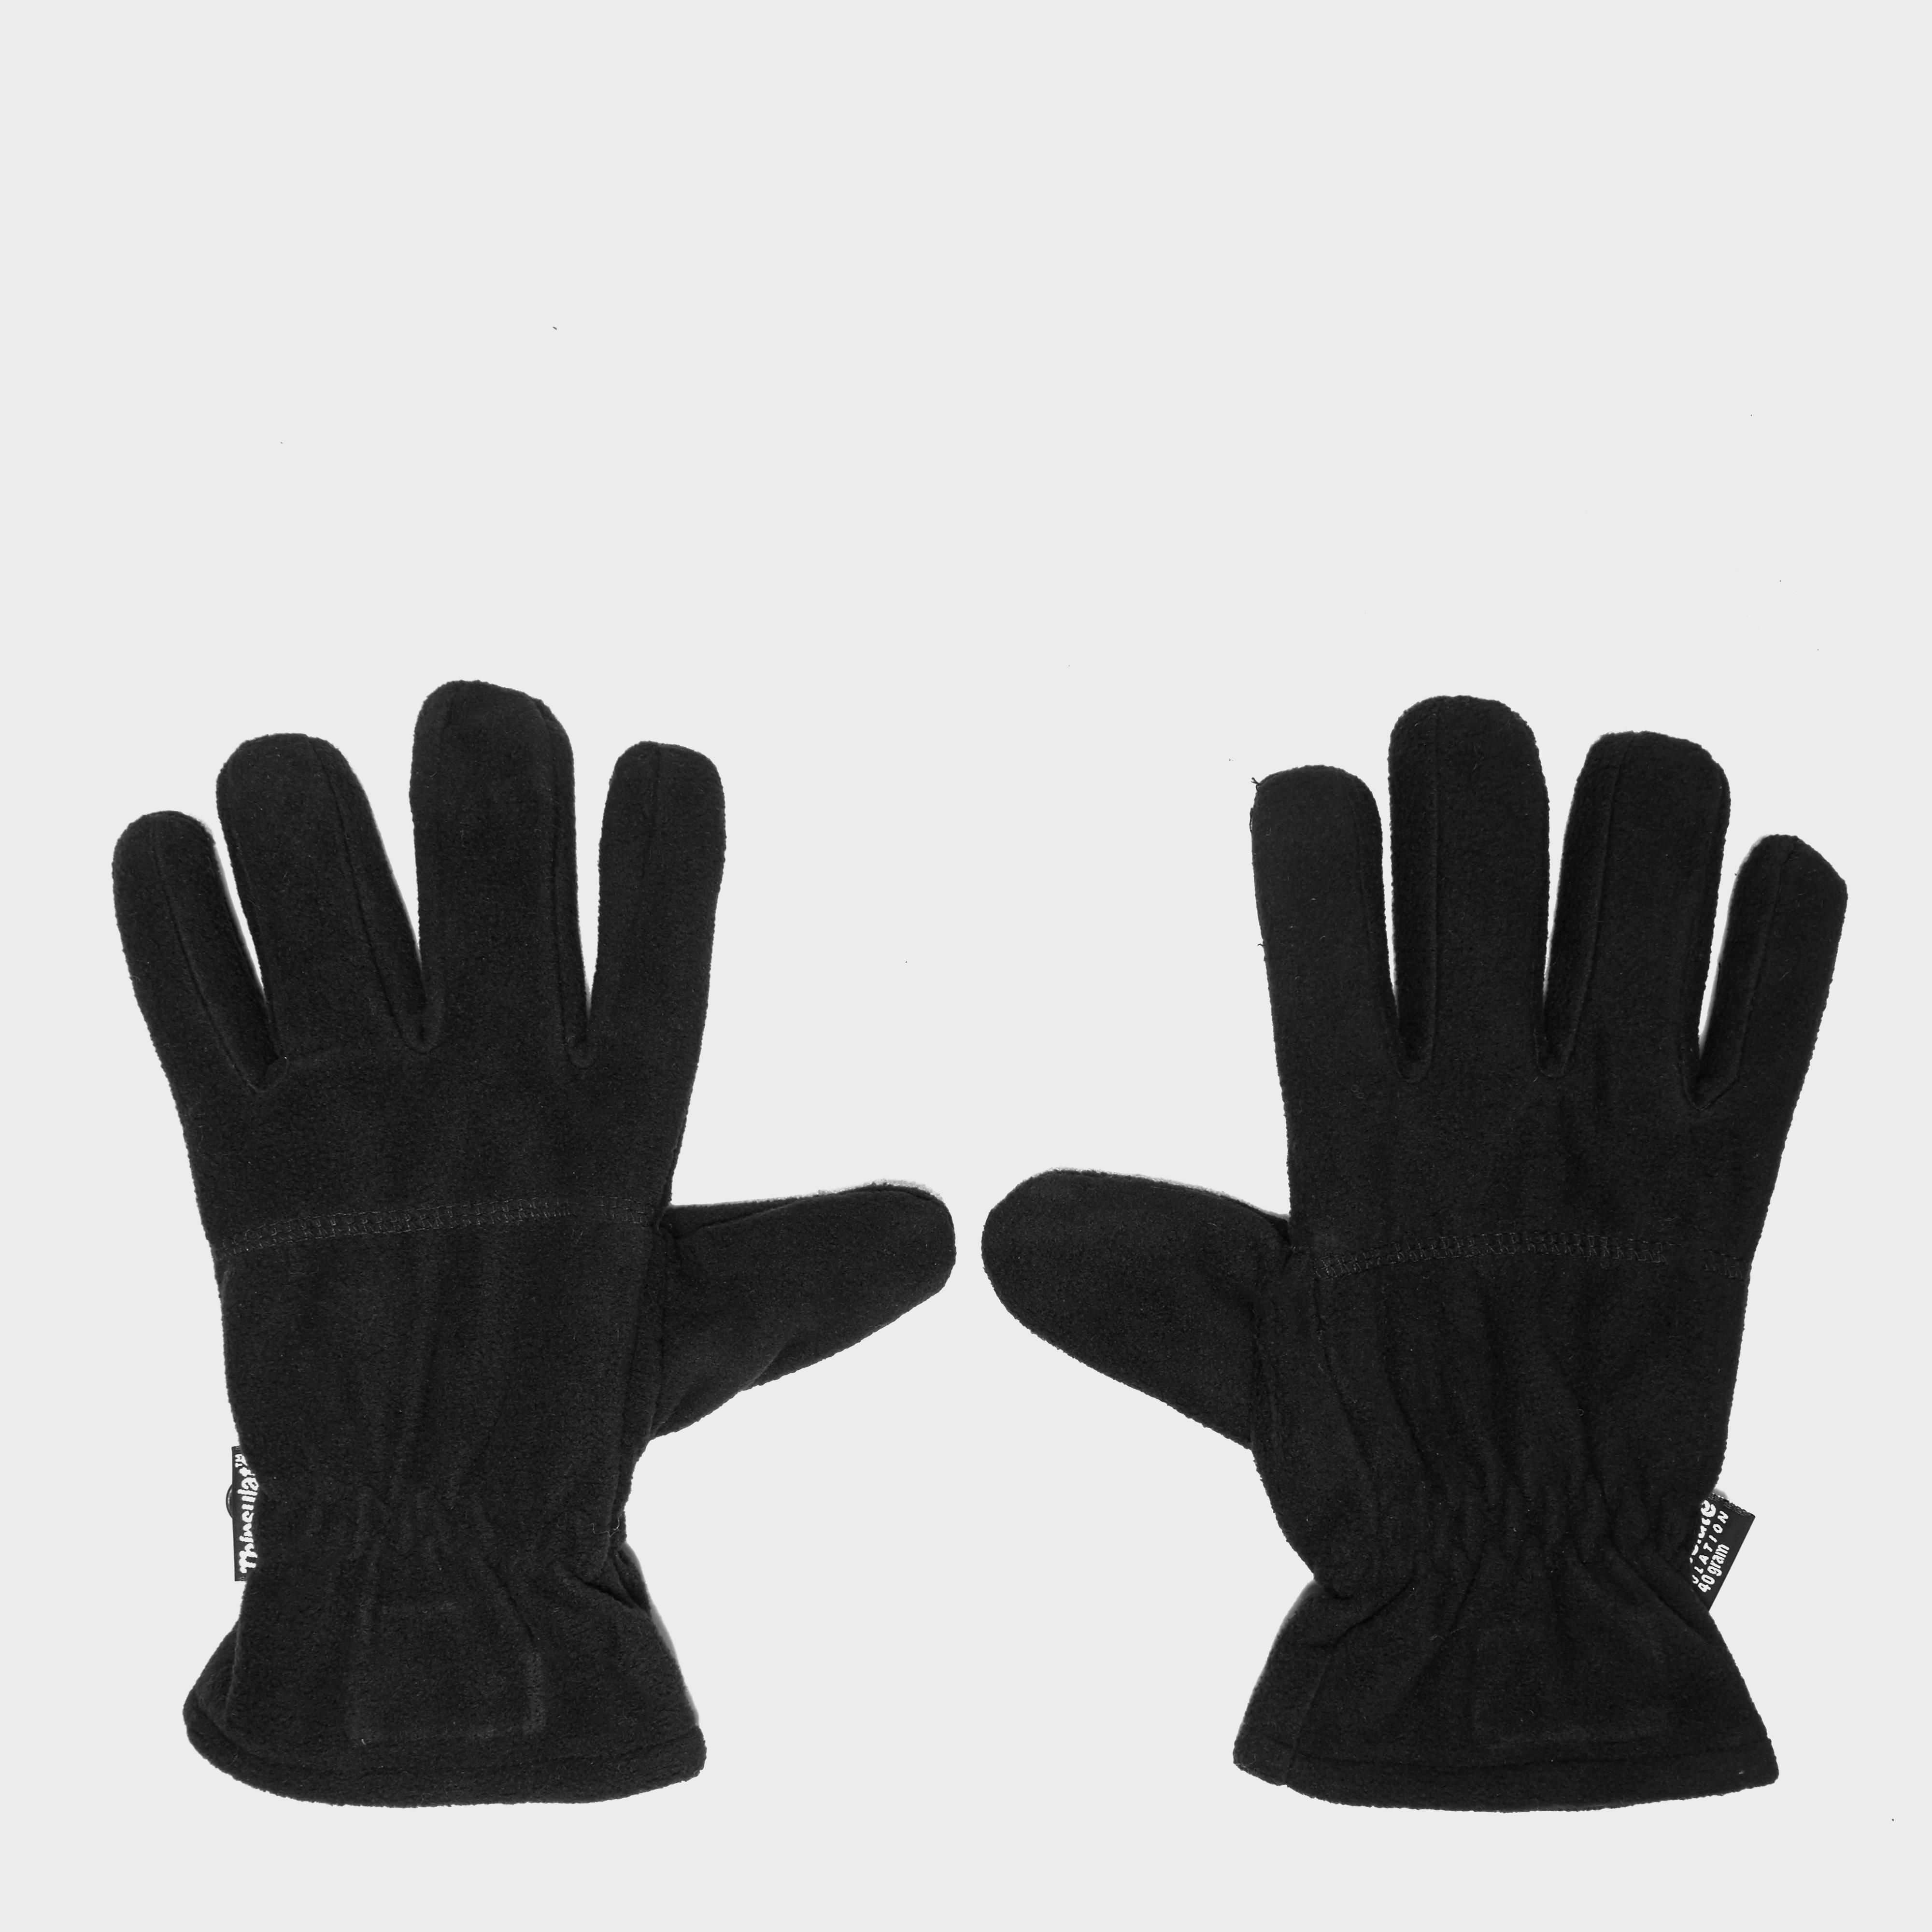 Thinsulate Unisex Fleece Gloves - Black, Black